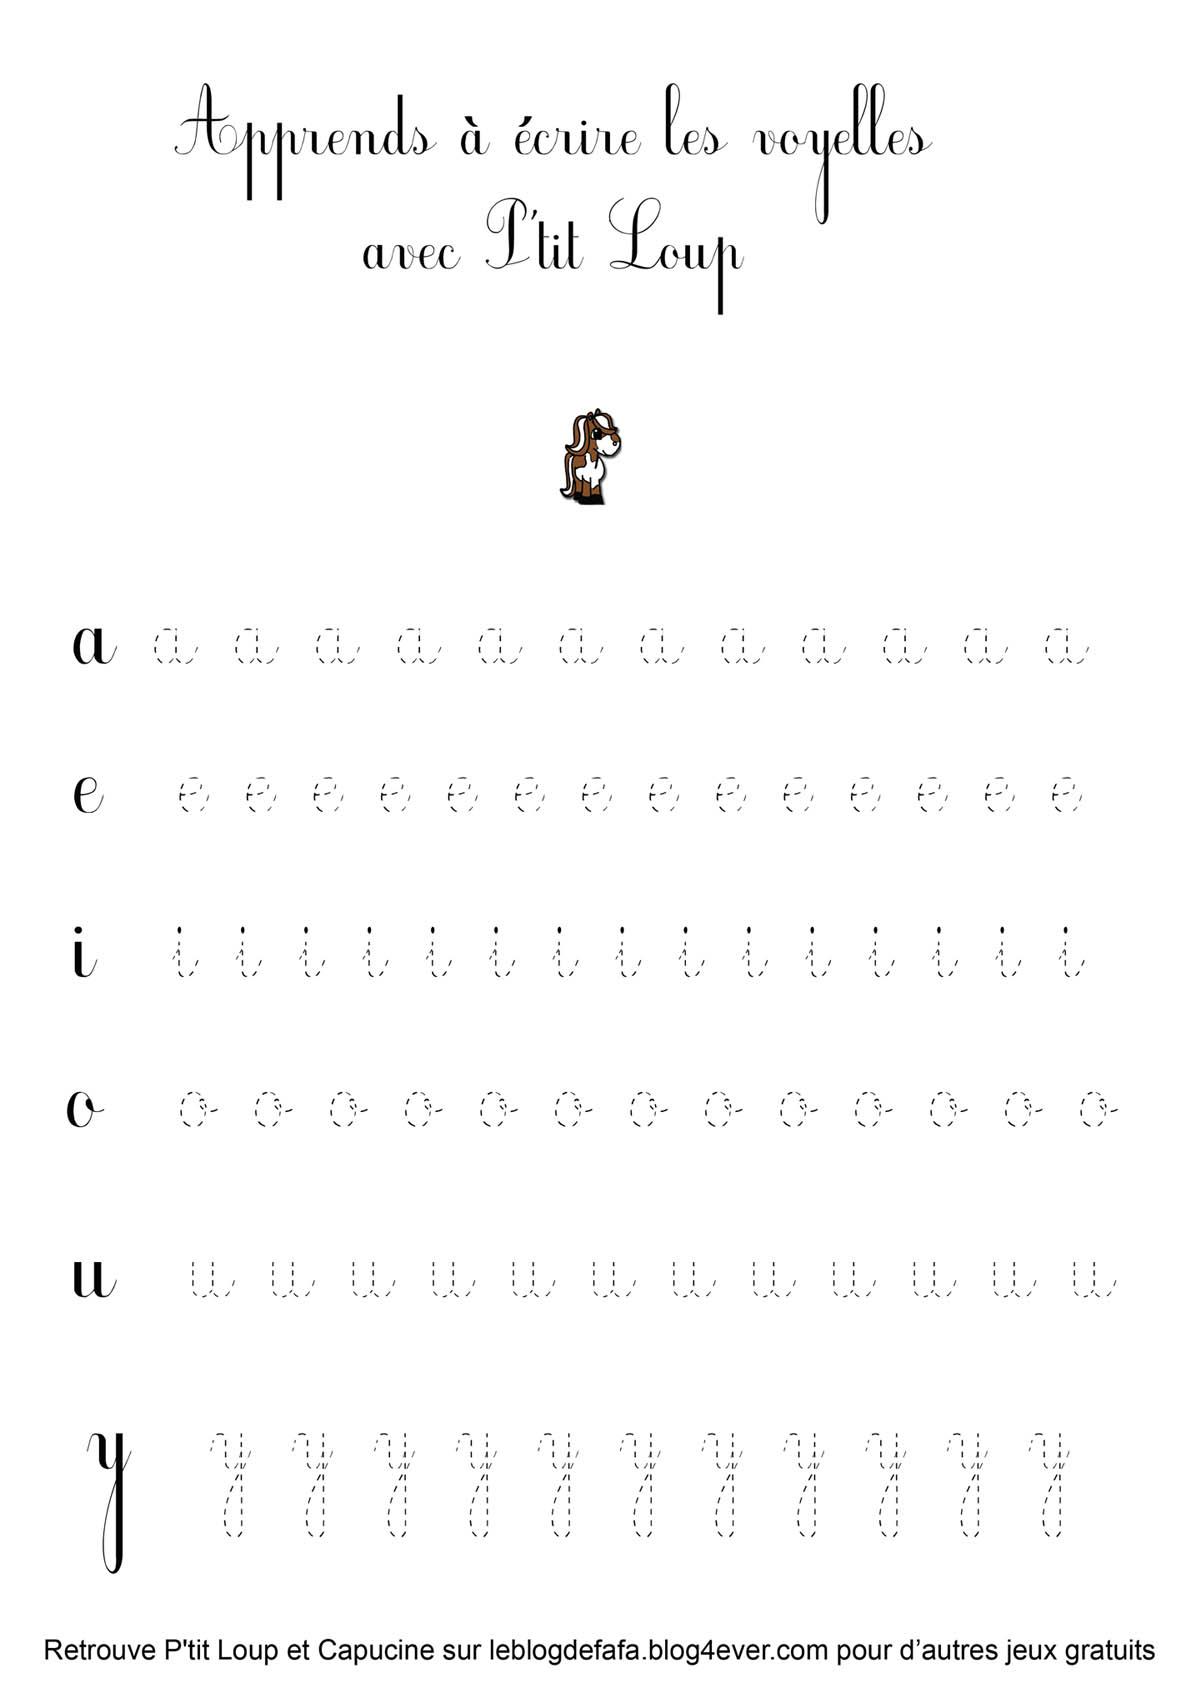 Guide D'écriture Gratuit À Imprimer: Les Voyelles Avec Le dedans Jeux D Écriture Gratuit